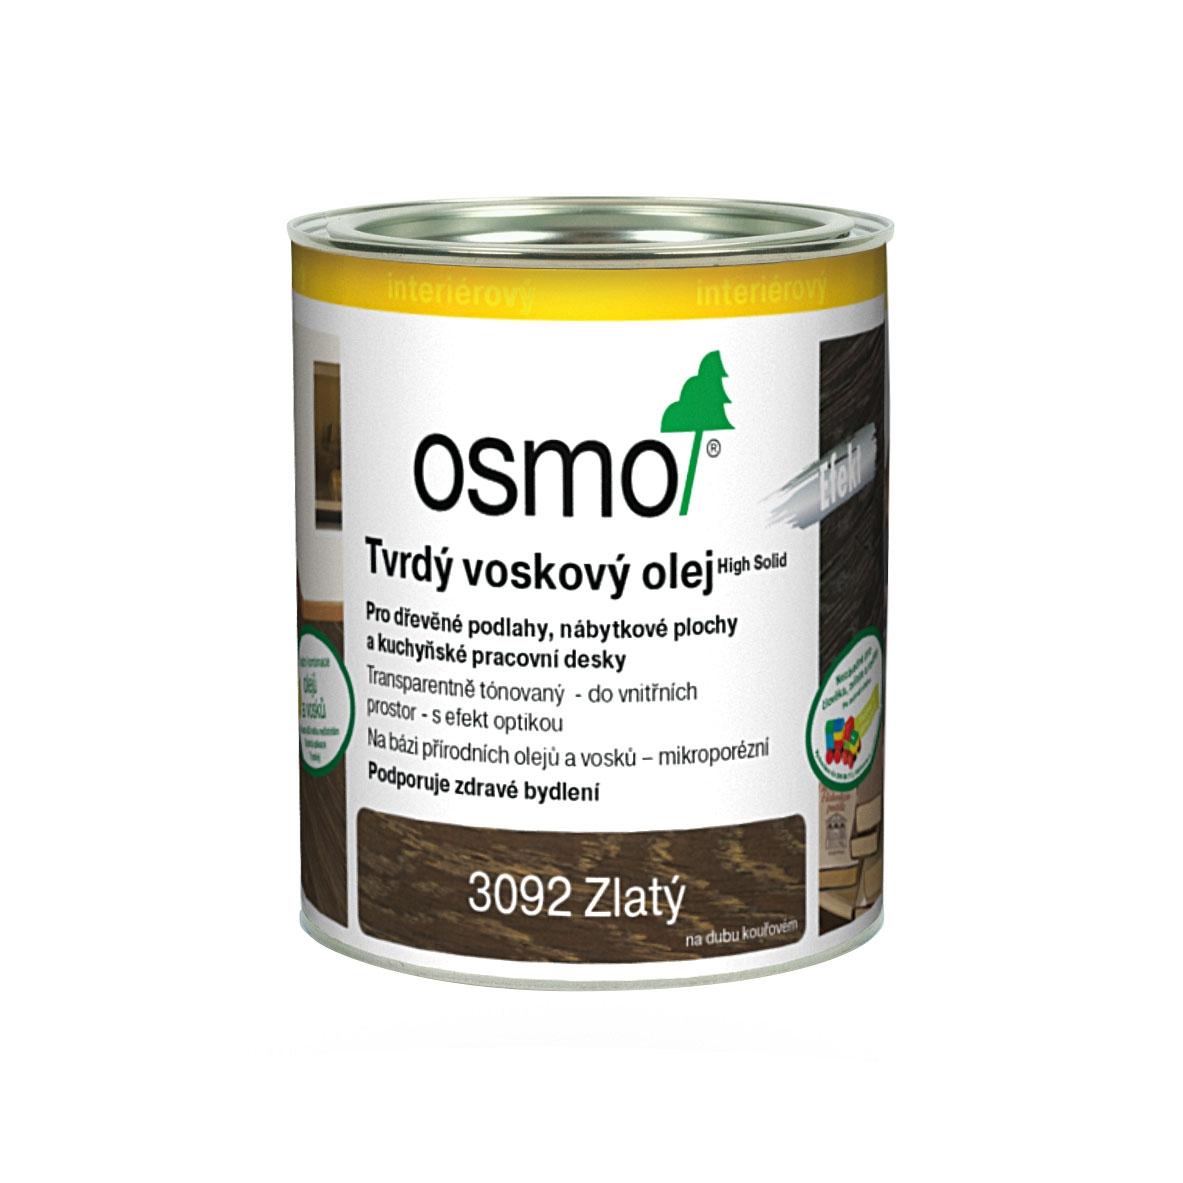 Osmo tvrdý voskový olej EFEKT 2,5l zlatý 3092